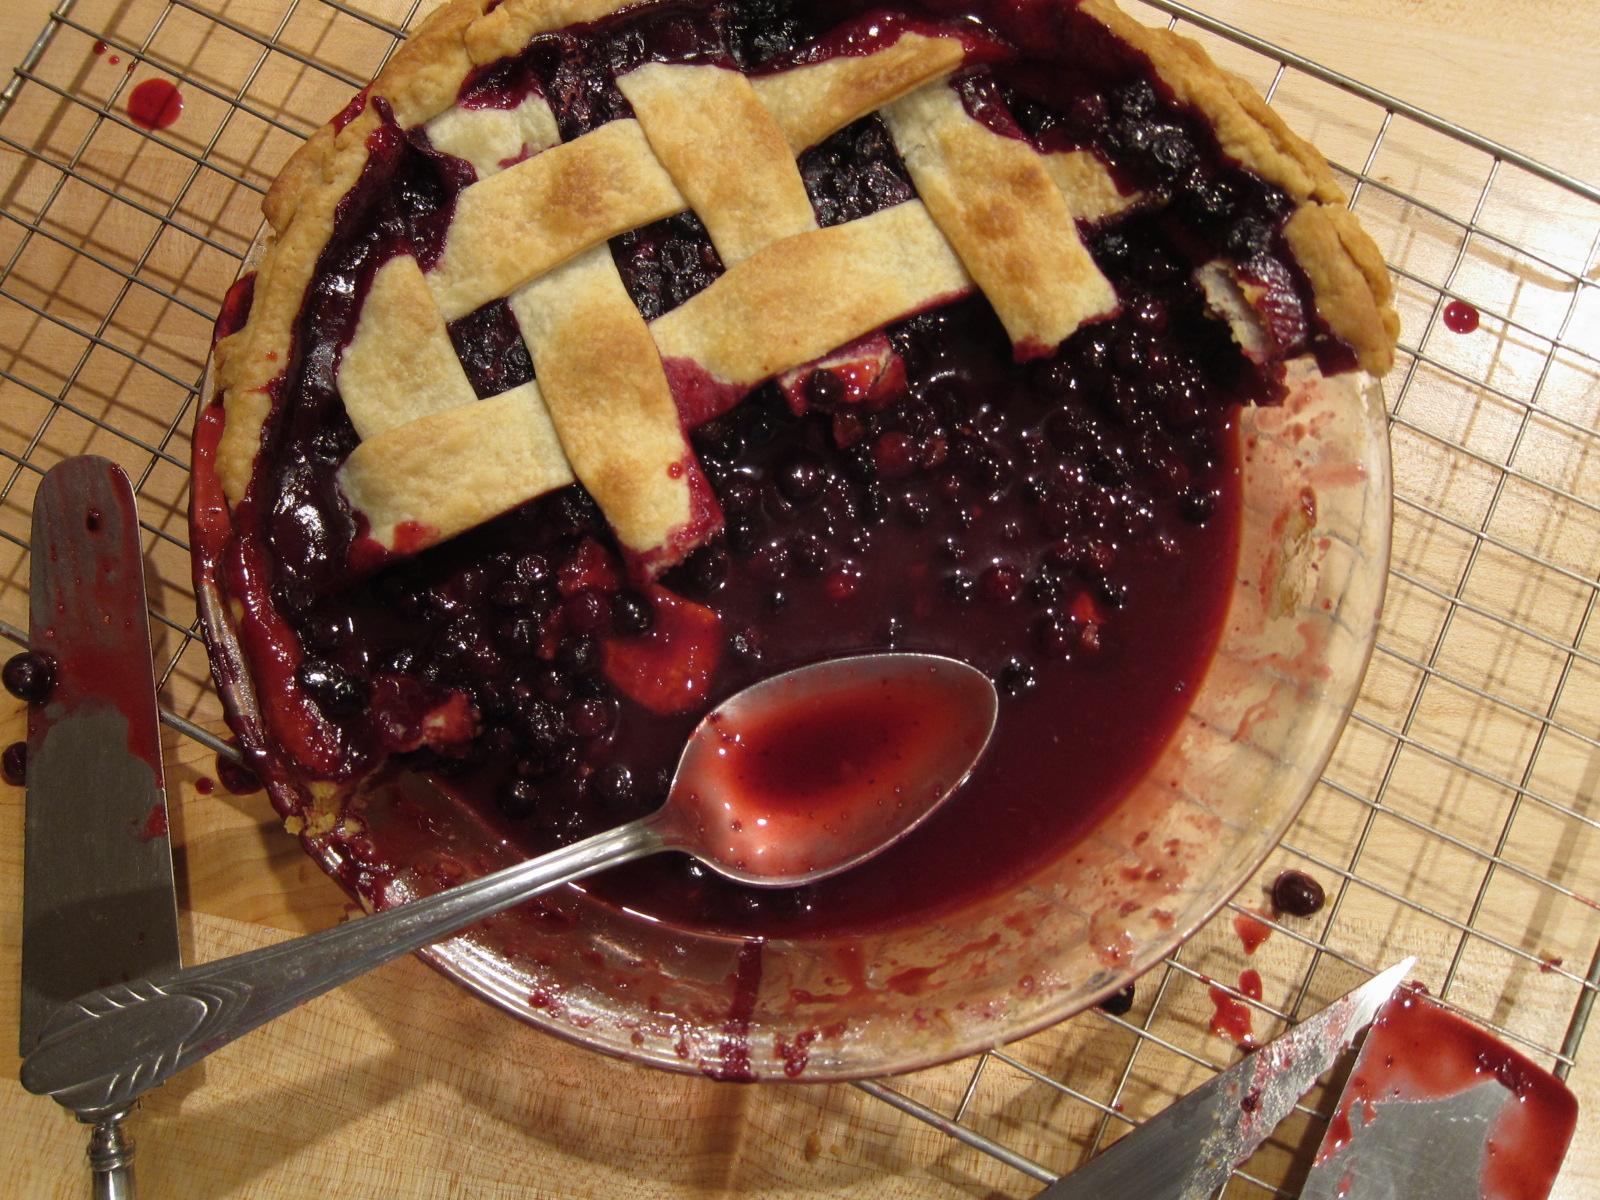 Fresh Huckleberry Pie